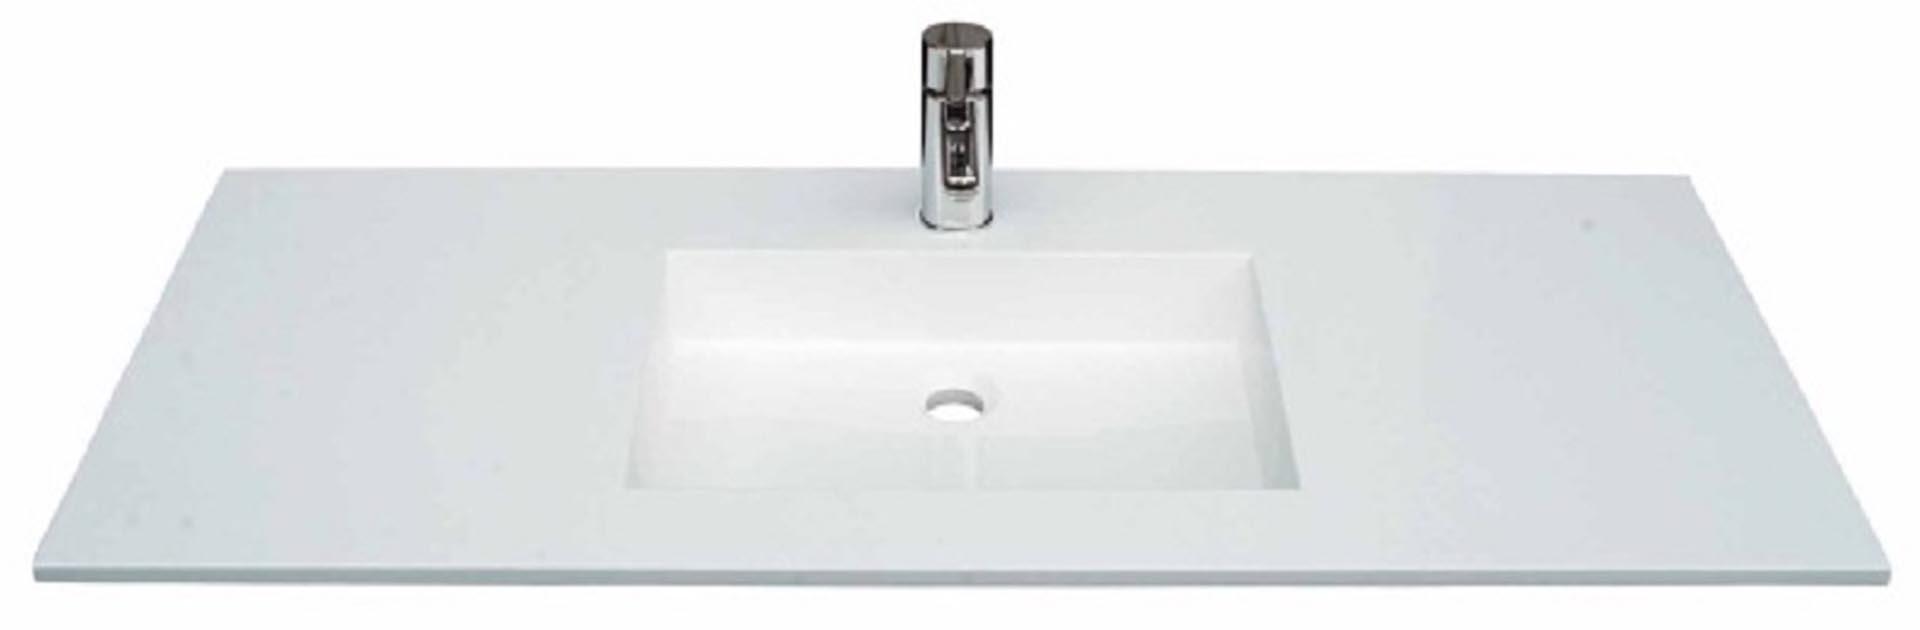 Flot designhåndvask i Kunstmarmor (Top-Solid). Vasken er lavet i hvid højglans komposit, som gør den meget nem at holde ren. Vasken har målene: 123,2 x 50,5 x 1,7 cm. Vasken tåler alle former for rengøringsmidler. Vasken skal stå på et skab. Køb et af vores tre slags åbne ophæng til slimlinevaske eller se vores guide til hvilket skab, der passer til og hvor du kan købe det. Vasken er hensynsmæssigt designet med fine rundinger, som både giver vasken et eksklusivt udtryk og gør den rengøringsvenlig. Vasken vedligeholdes med voks - vi anbefaler en behandling med vores egen naturvoks ID12002 et par gange om året for at opnå optimalt look.